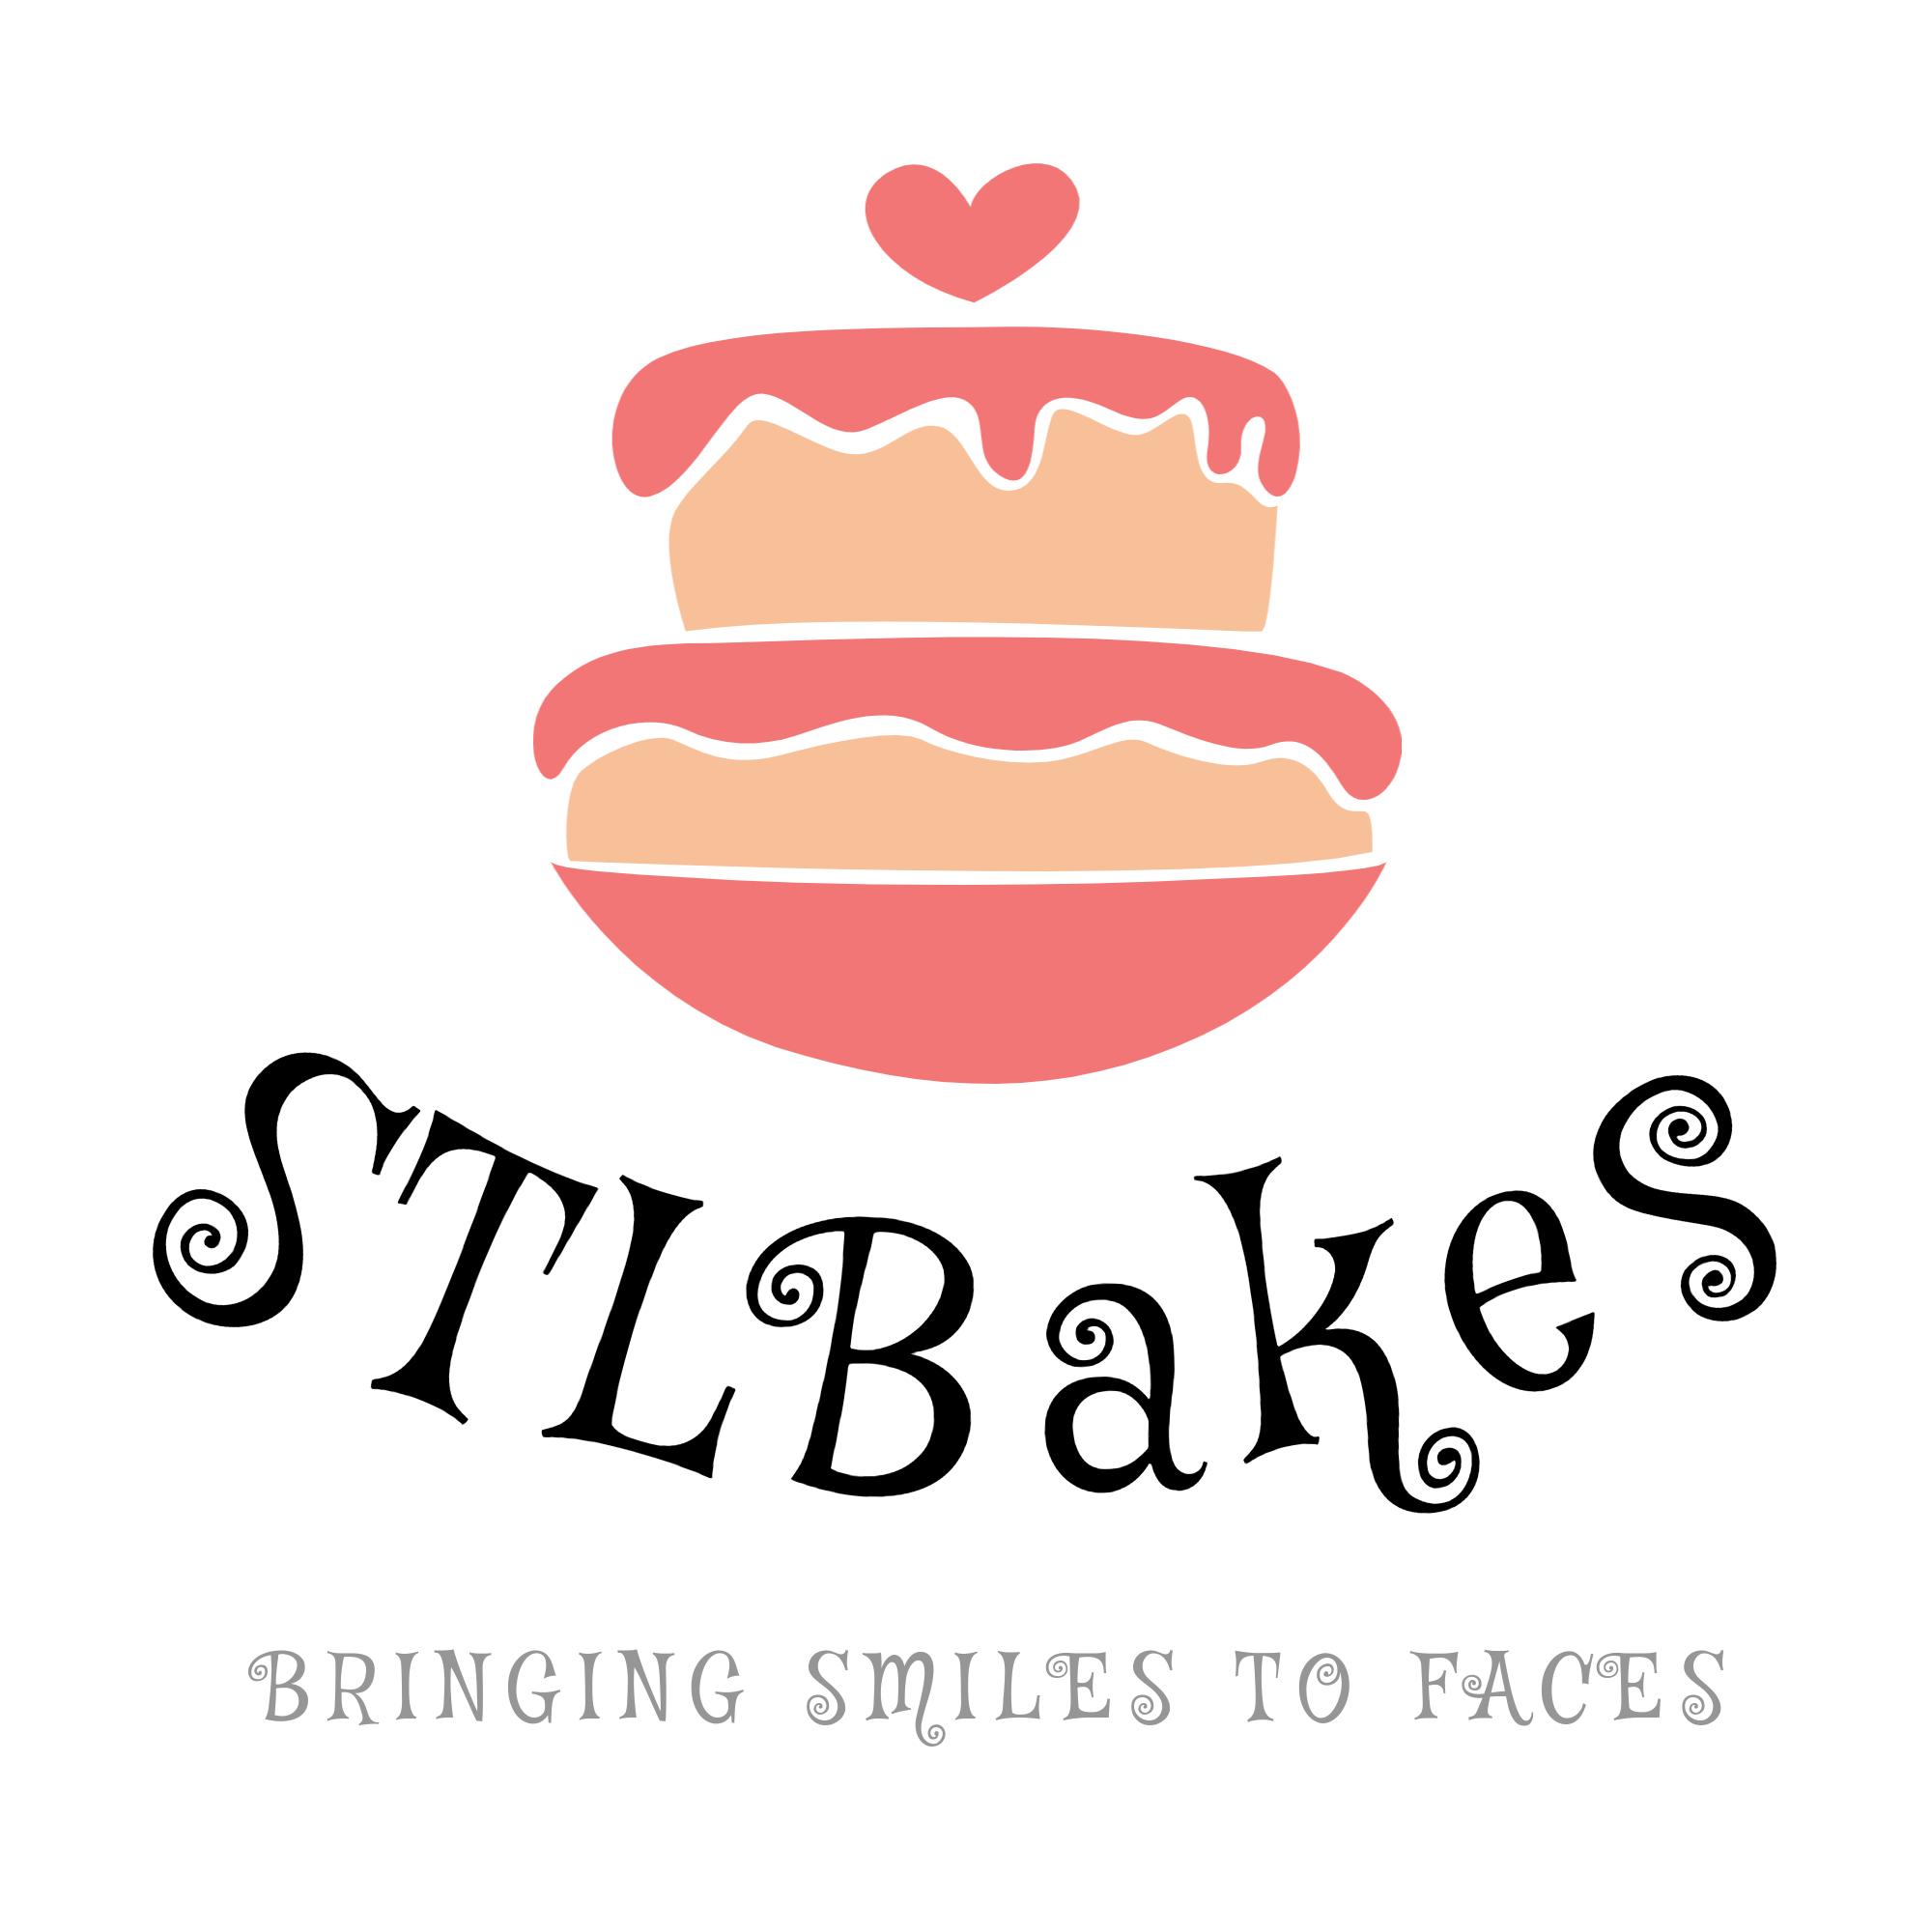 STLBakes